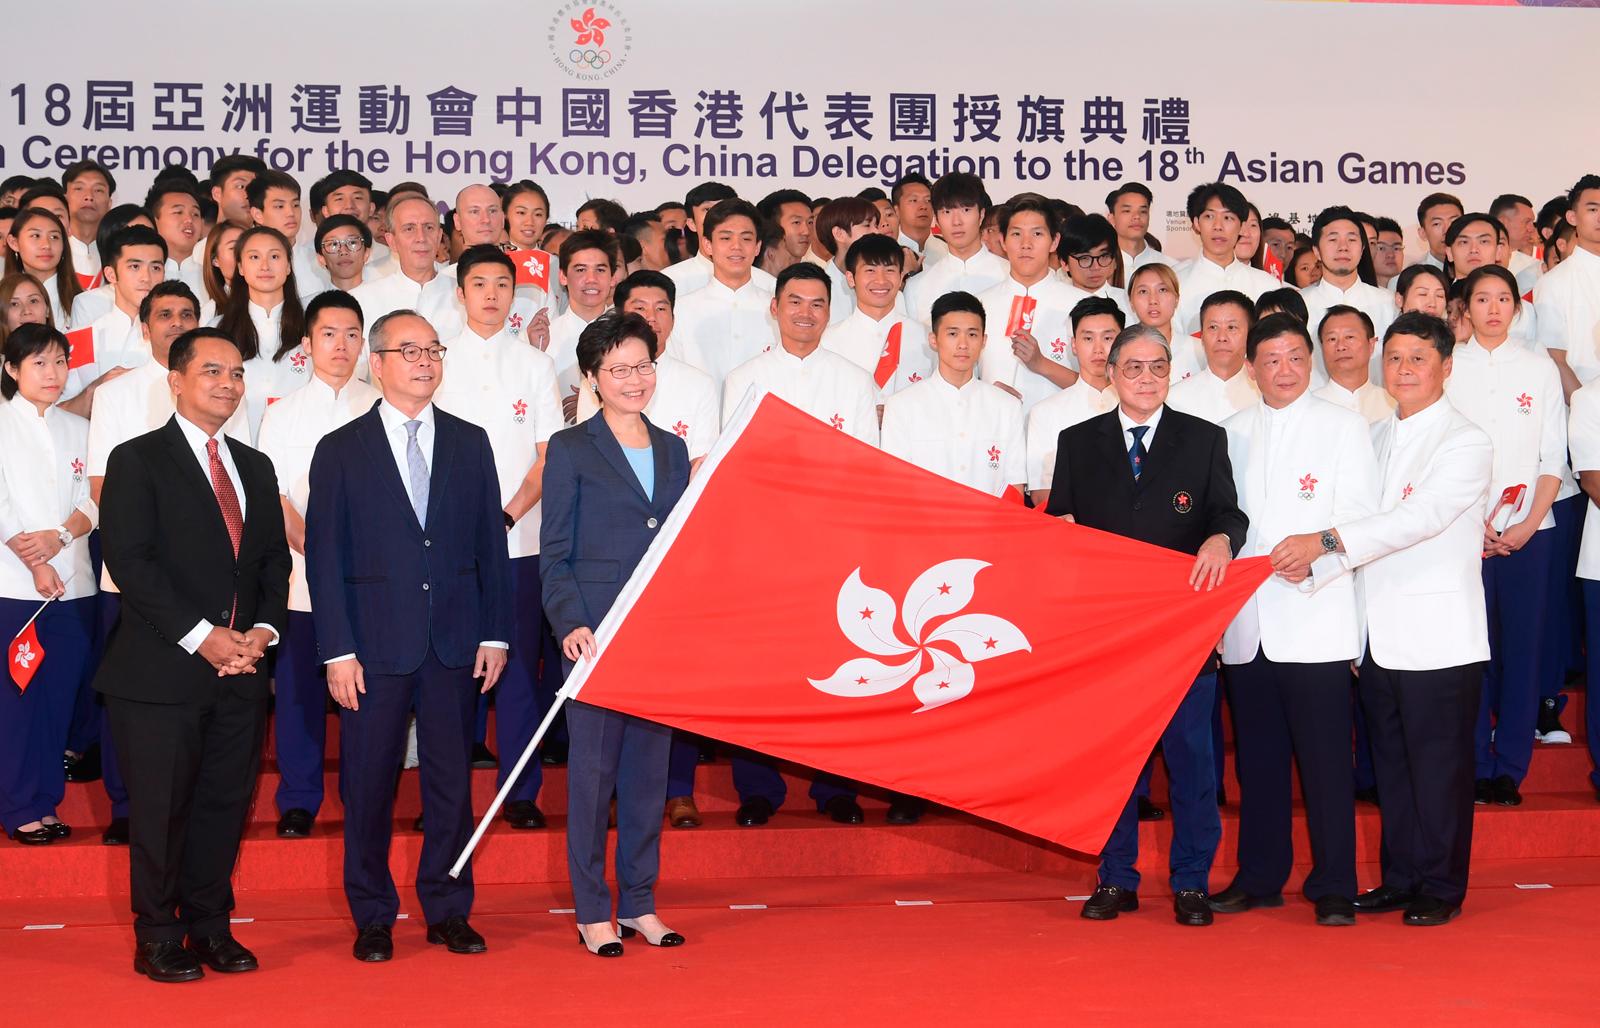 特首上周出席代表團授旗儀式。